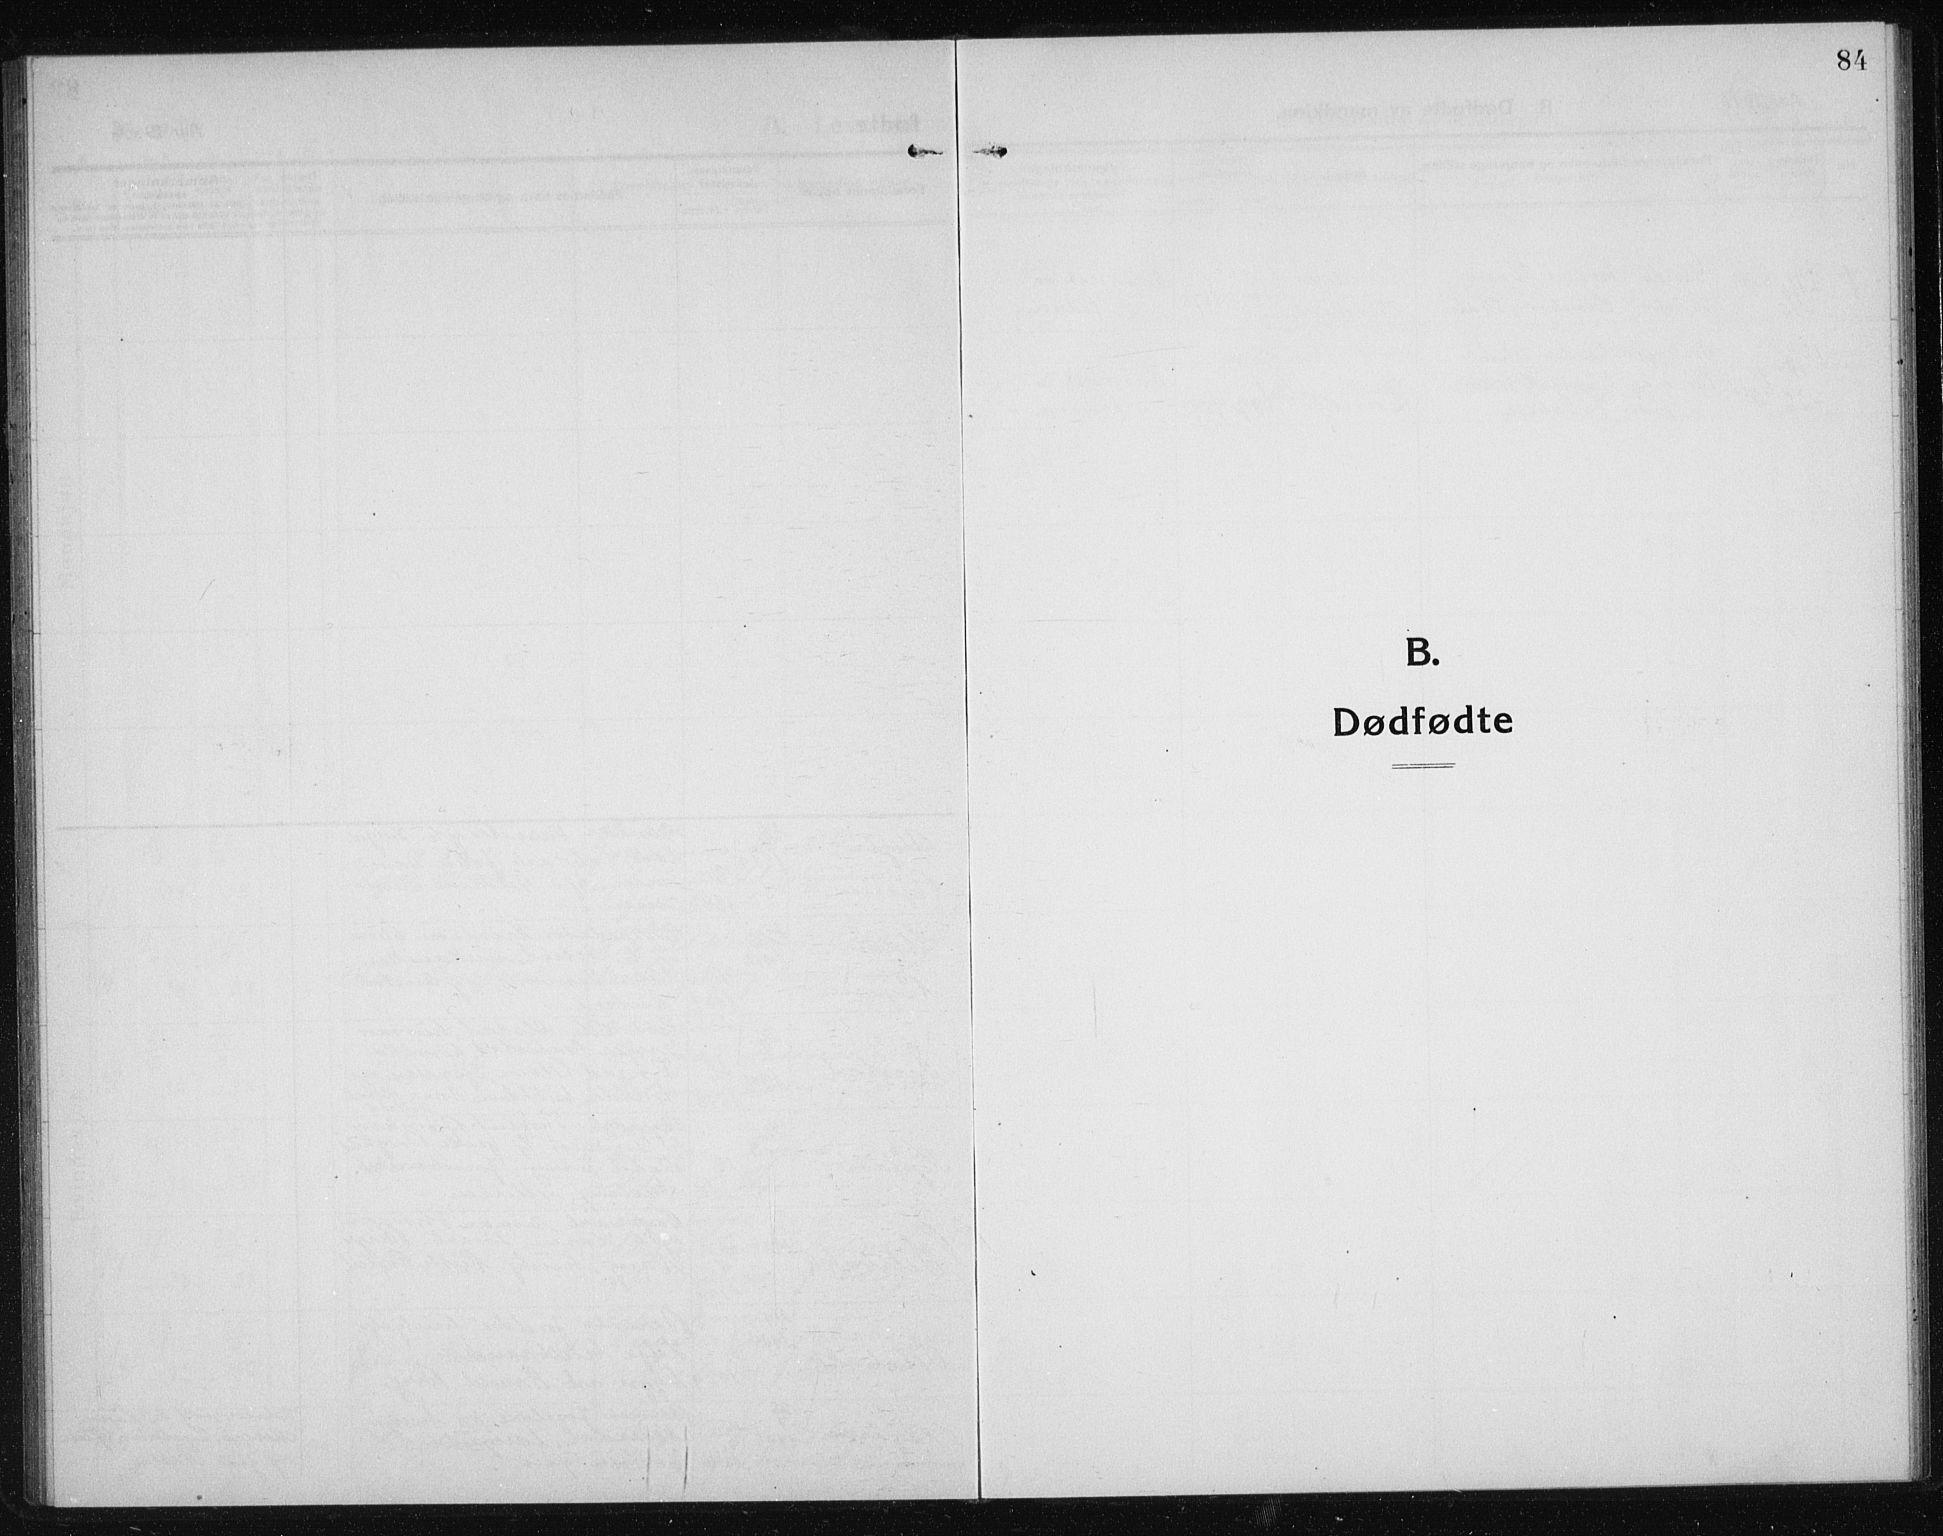 SAT, Ministerialprotokoller, klokkerbøker og fødselsregistre - Sør-Trøndelag, 611/L0356: Klokkerbok nr. 611C04, 1914-1938, s. 84